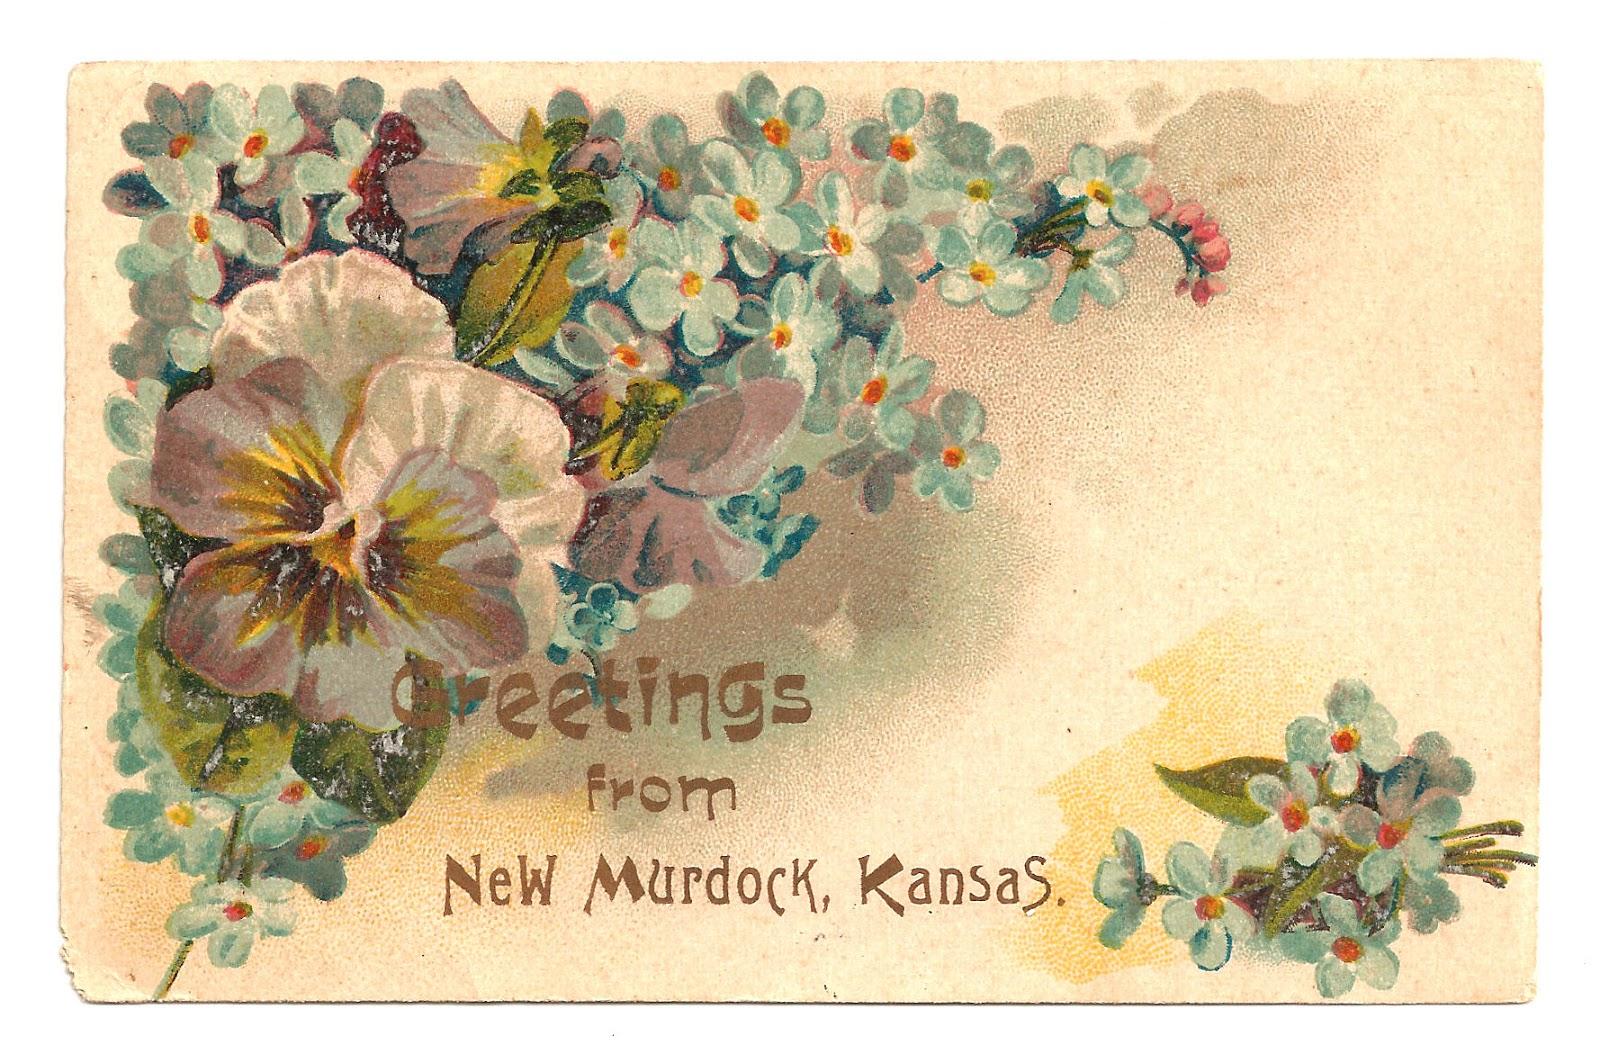 открытки под старину цветы они напоминают свиные